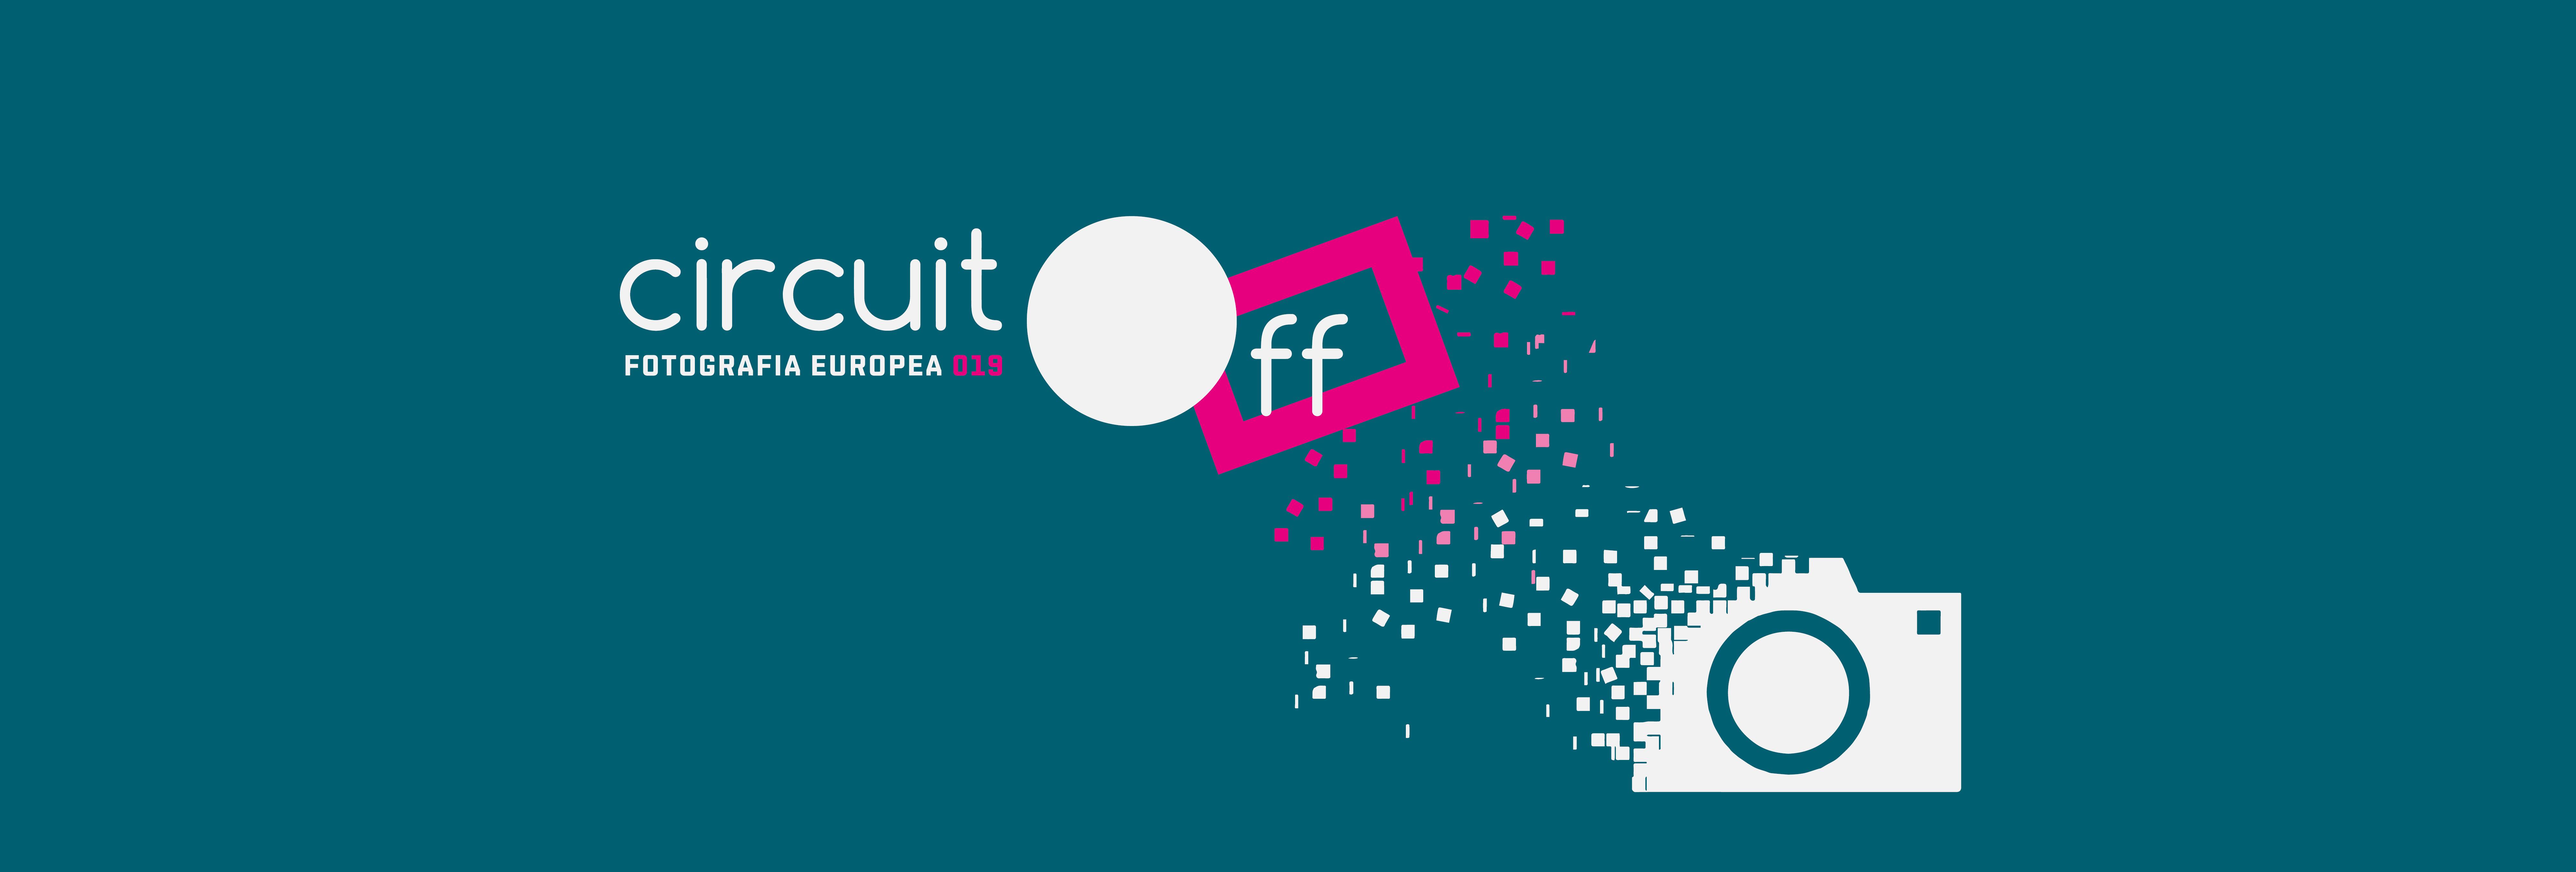 Fotografia Europea Circuito Off 2019 – iscrizioni (no logo)